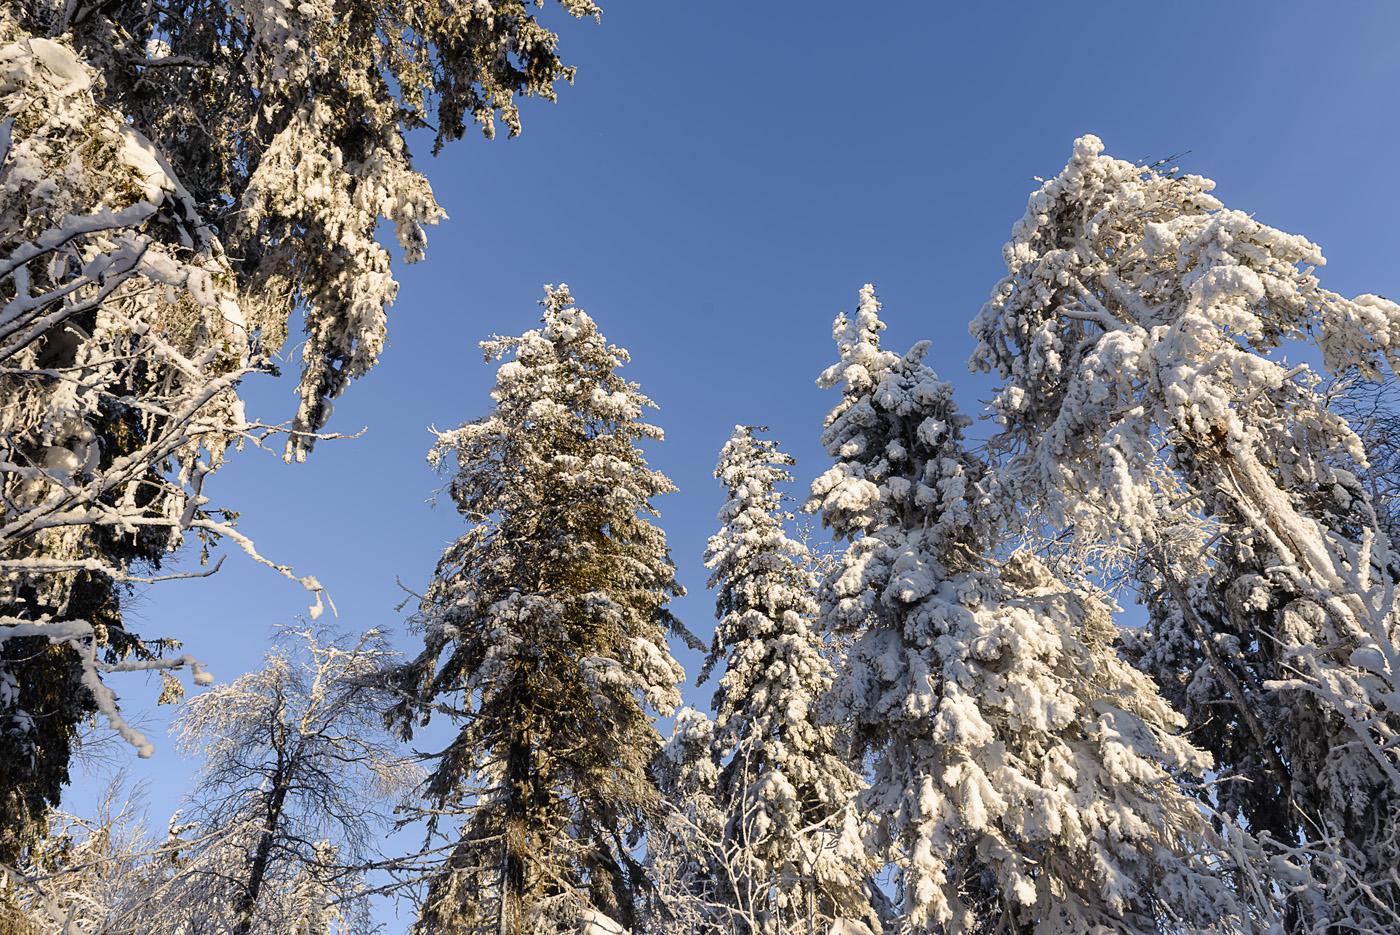 Фото 10. Лес и небо. Поход на Колпаки. Отзывы туристов об интересных местах в Пермском крае. 1/80, 8.0, 100, 24.